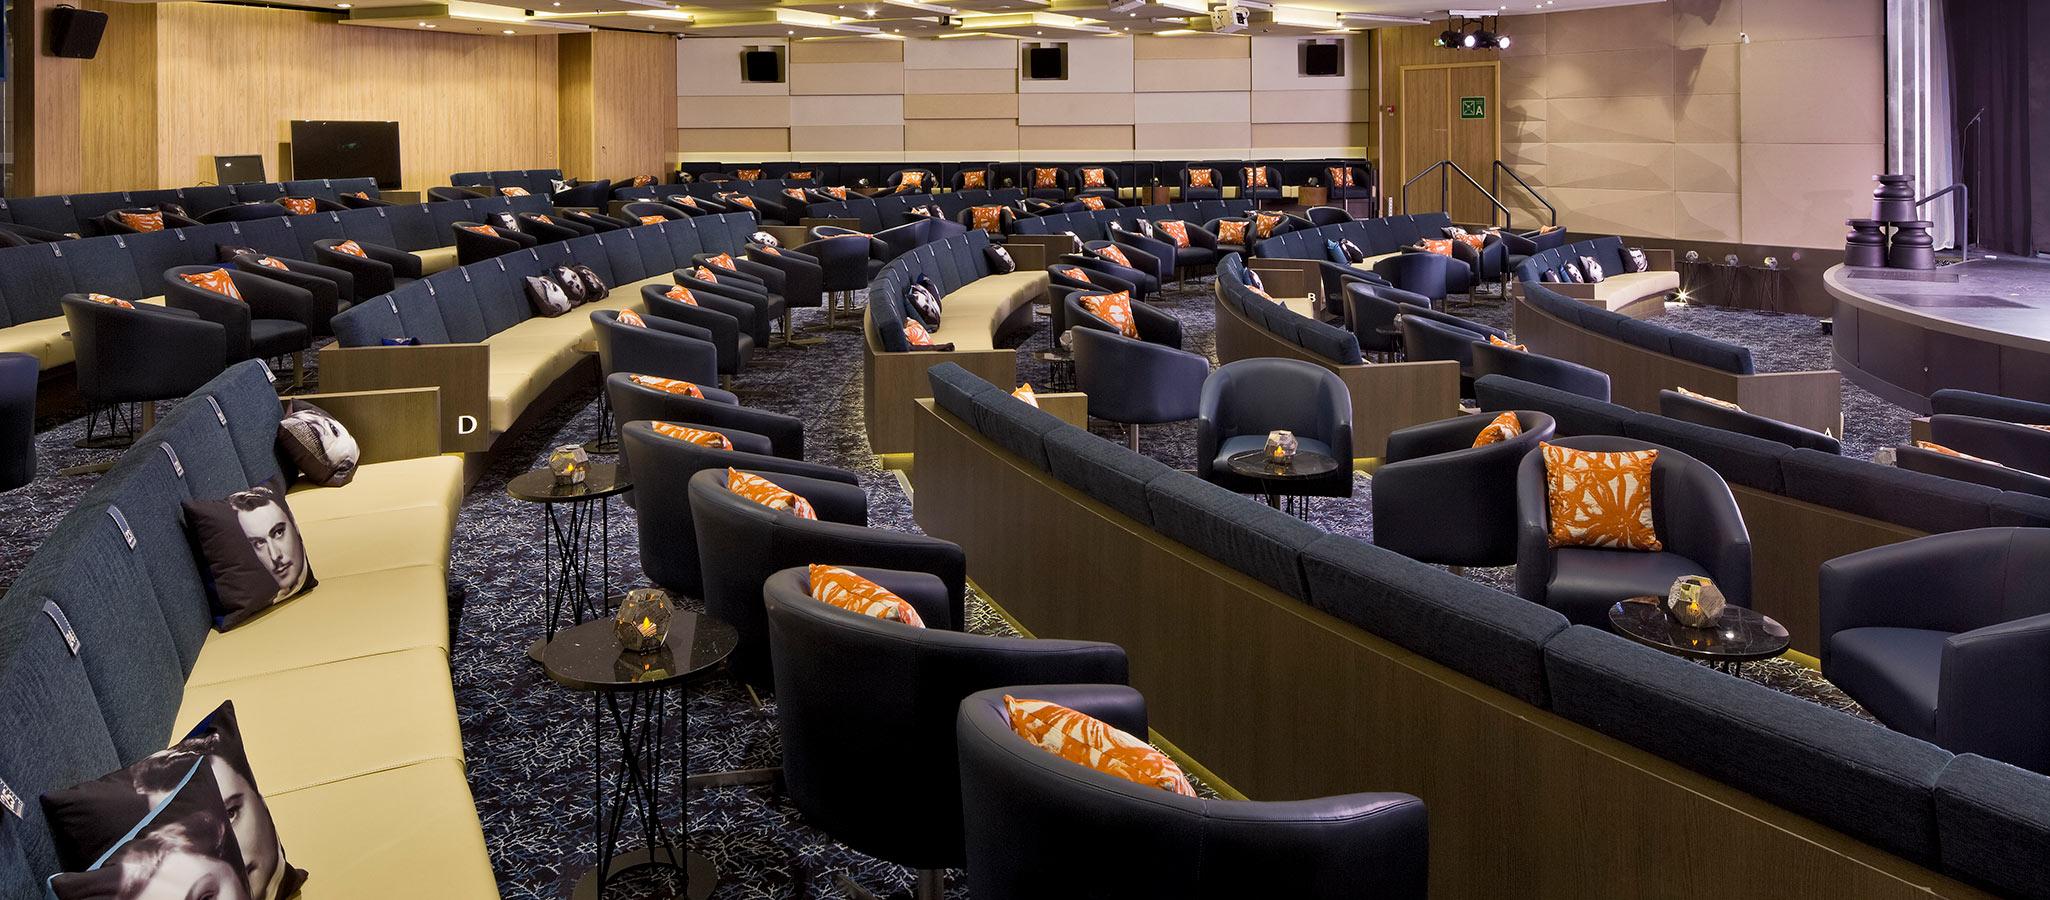 Die Tagungsmöglichkeiten an Bord moderner Konferenzschiffe sind exzellent - hinsichtlich der Räumlichkeiten ebenso wie in puncto Tagungstechnik.